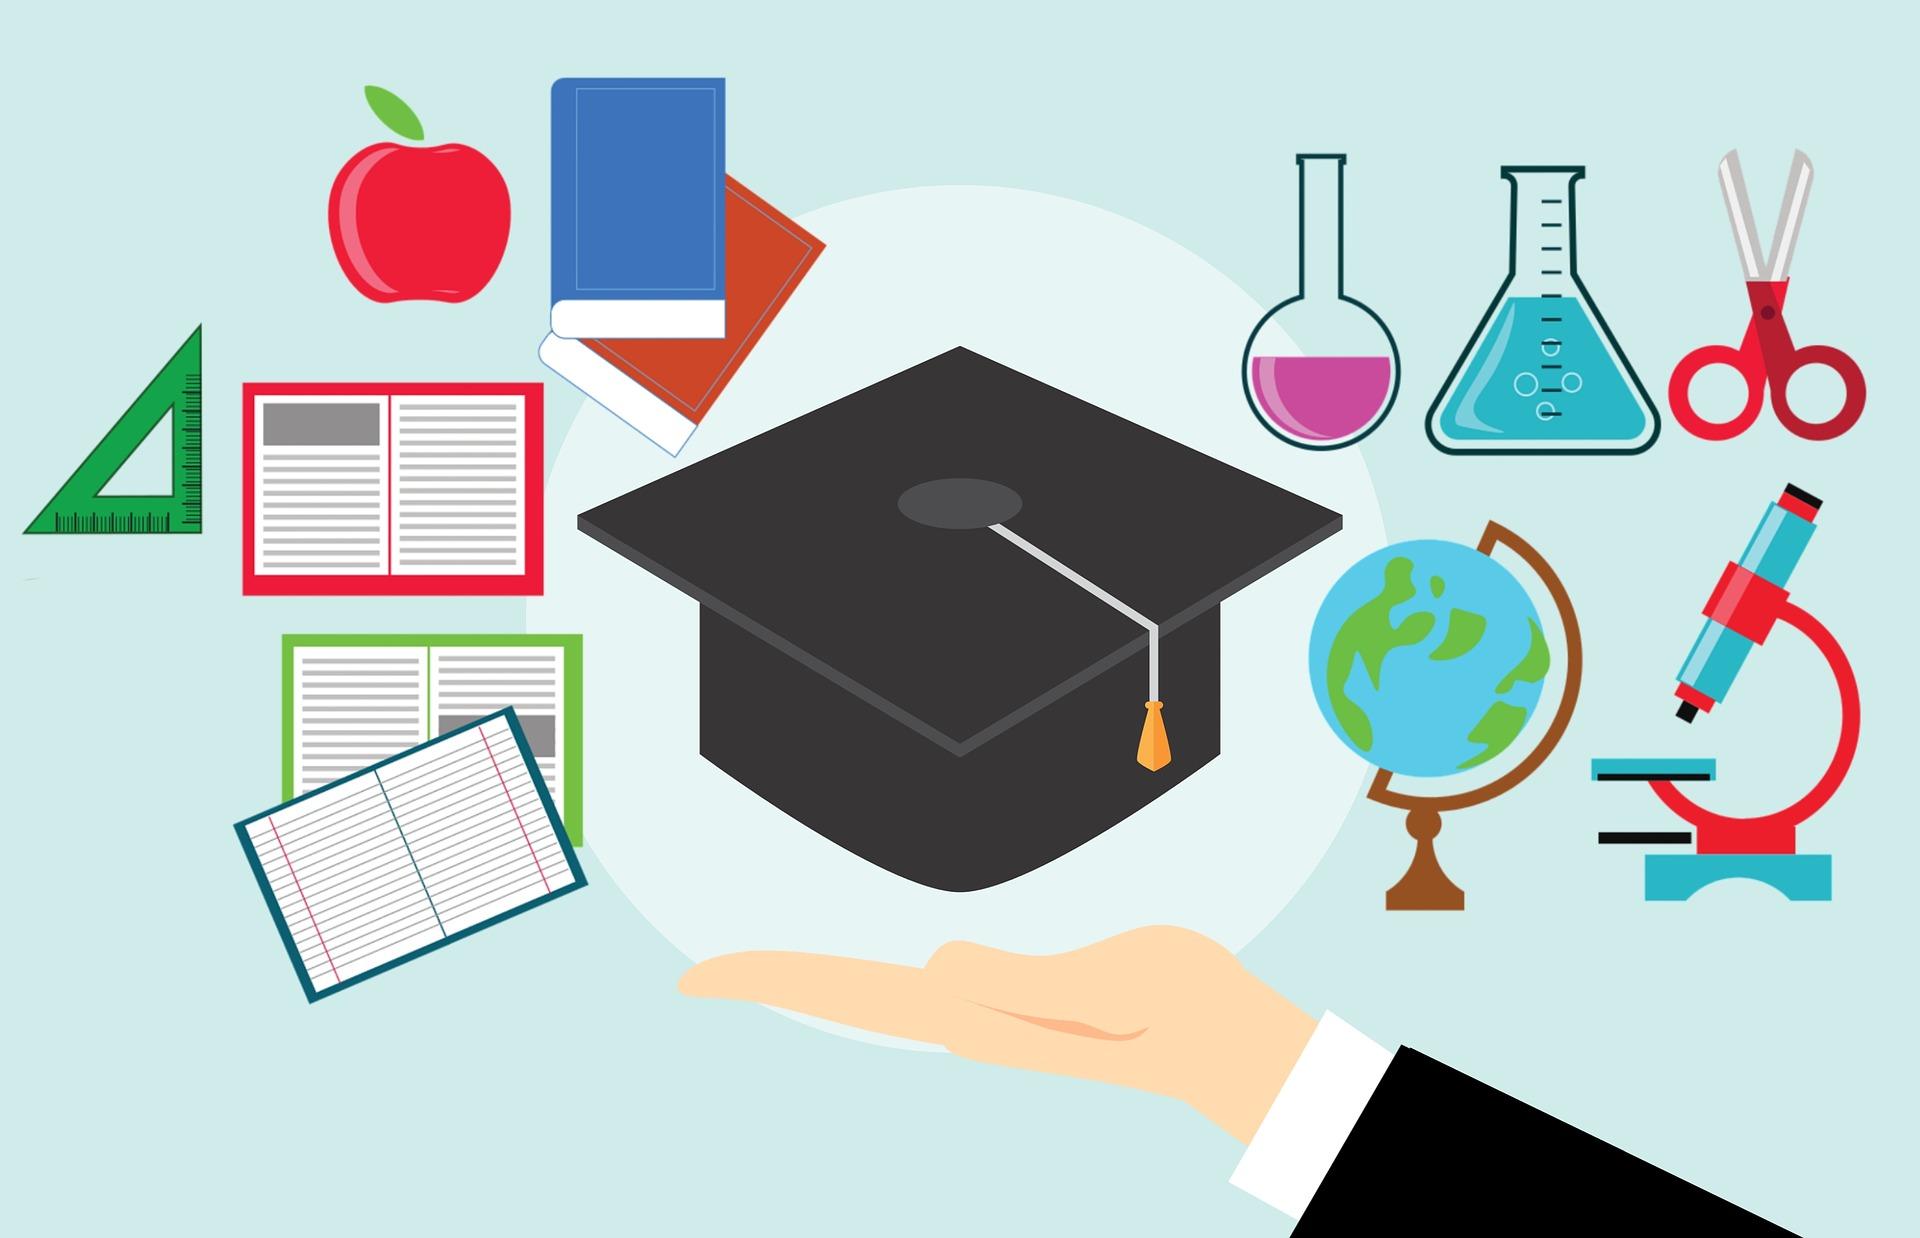 ilustracija za visokoškolsko obrazovanje